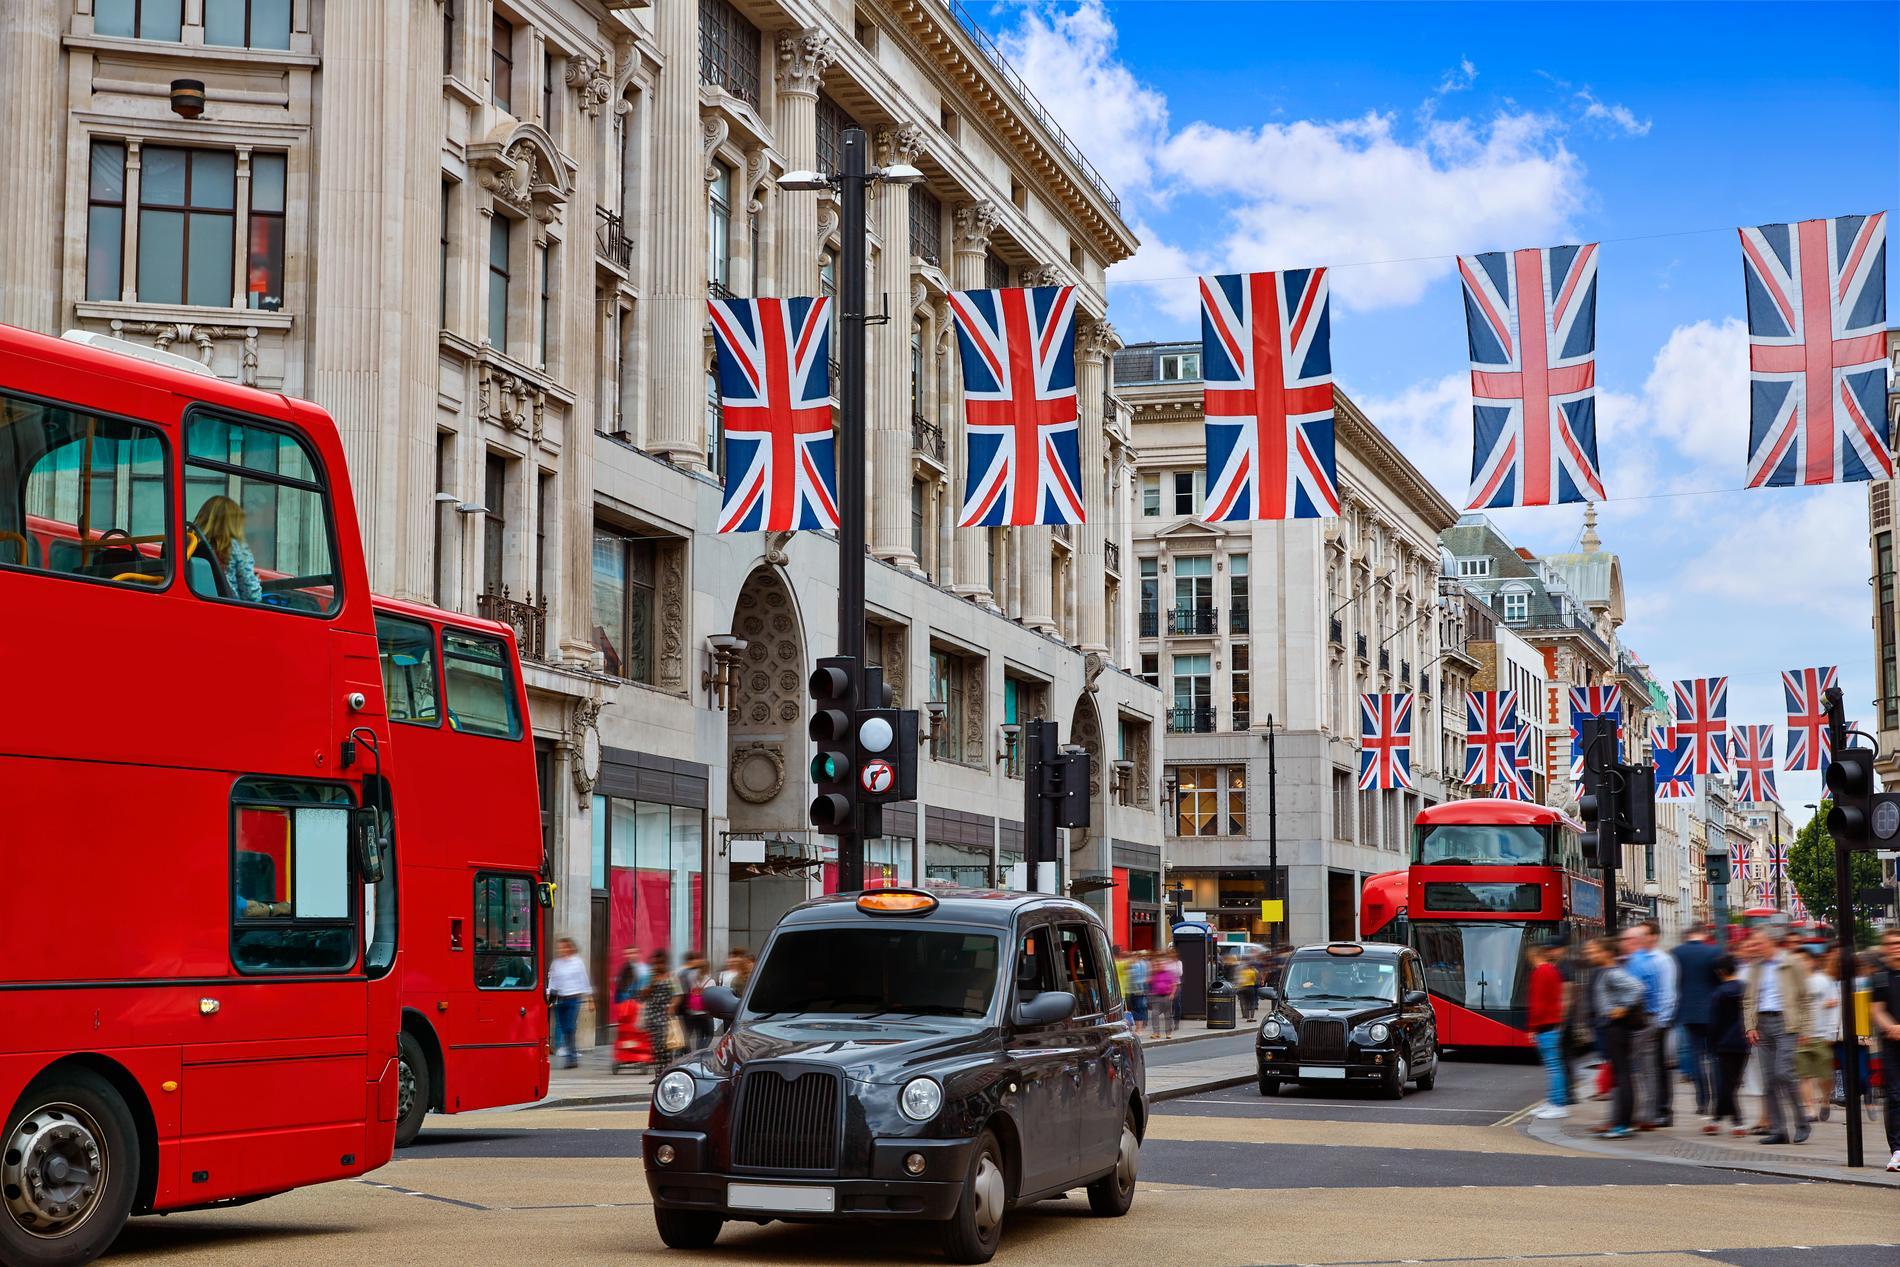 London är en populär stad att besöka, och fortfarande har många kvar intresset för staden.